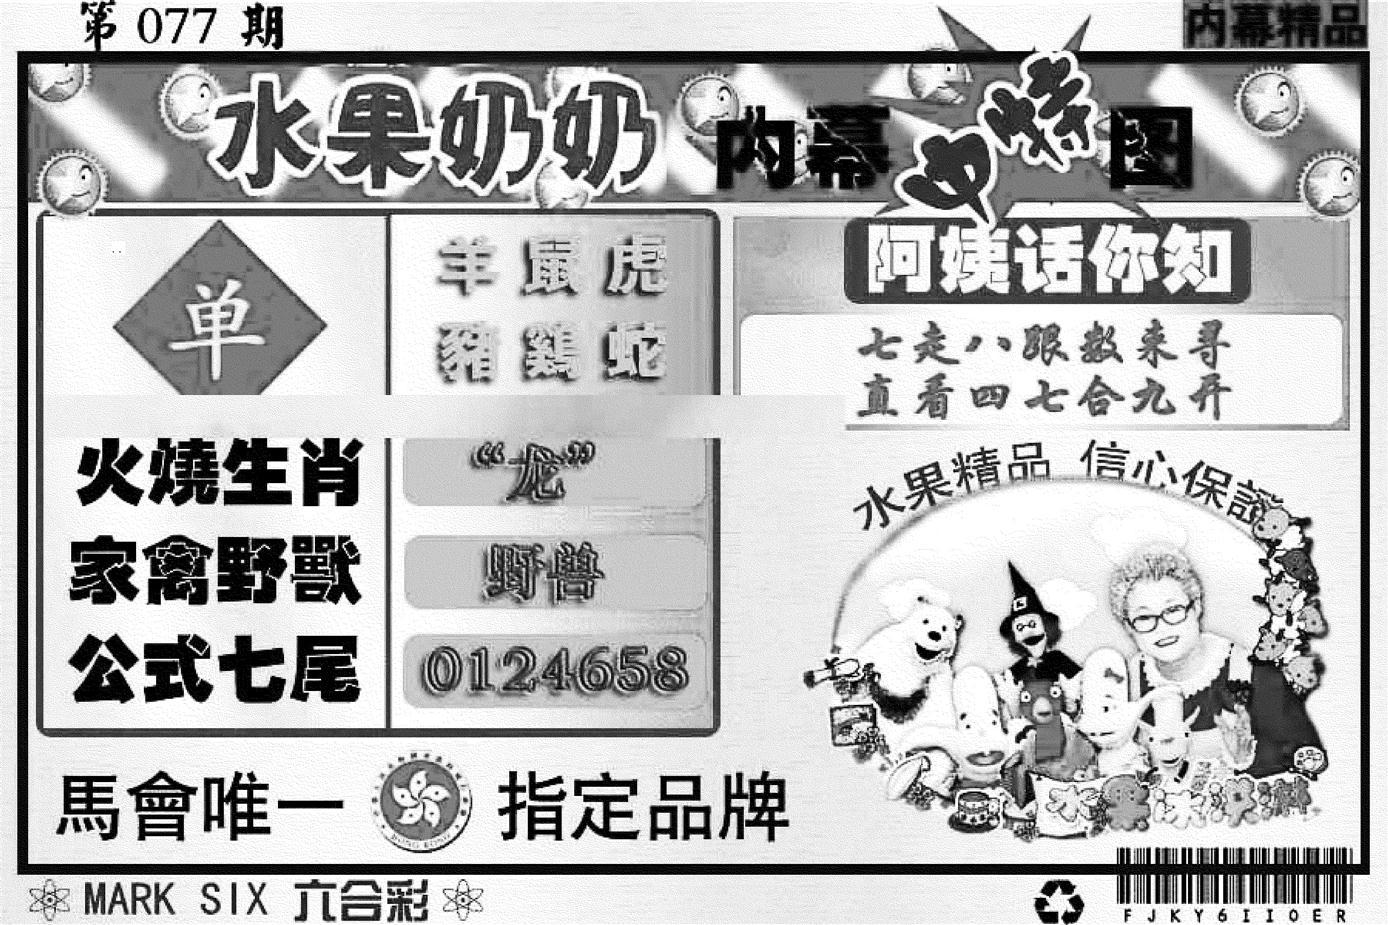 077期水果奶奶内幕(黑白)